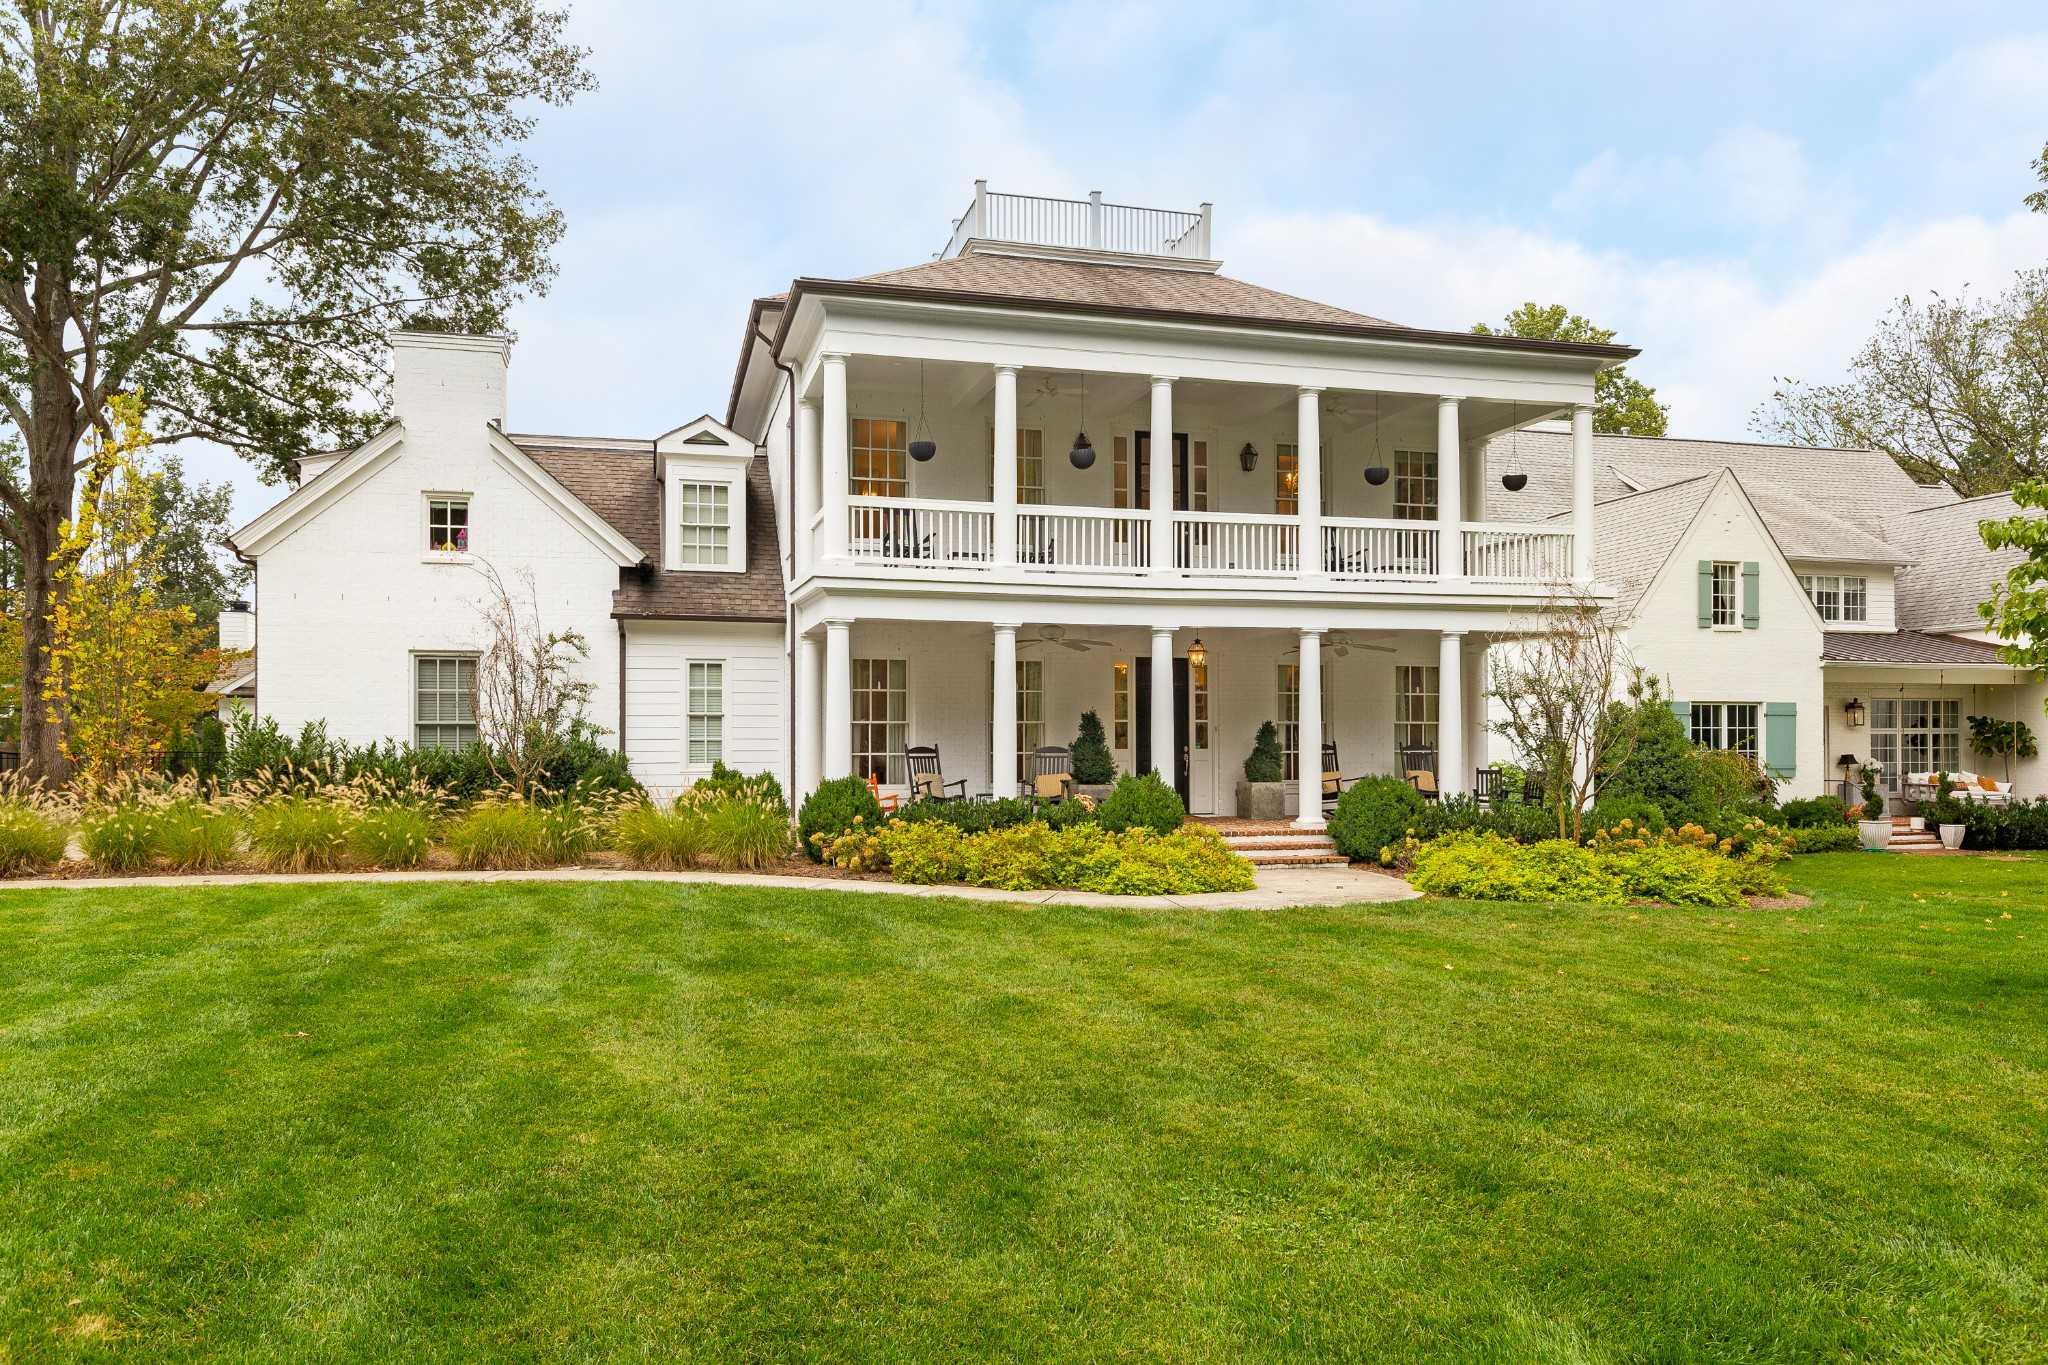 $2,799,000 - 6Br/8Ba -  for Sale in Highlands Of Belle Meade, Nashville